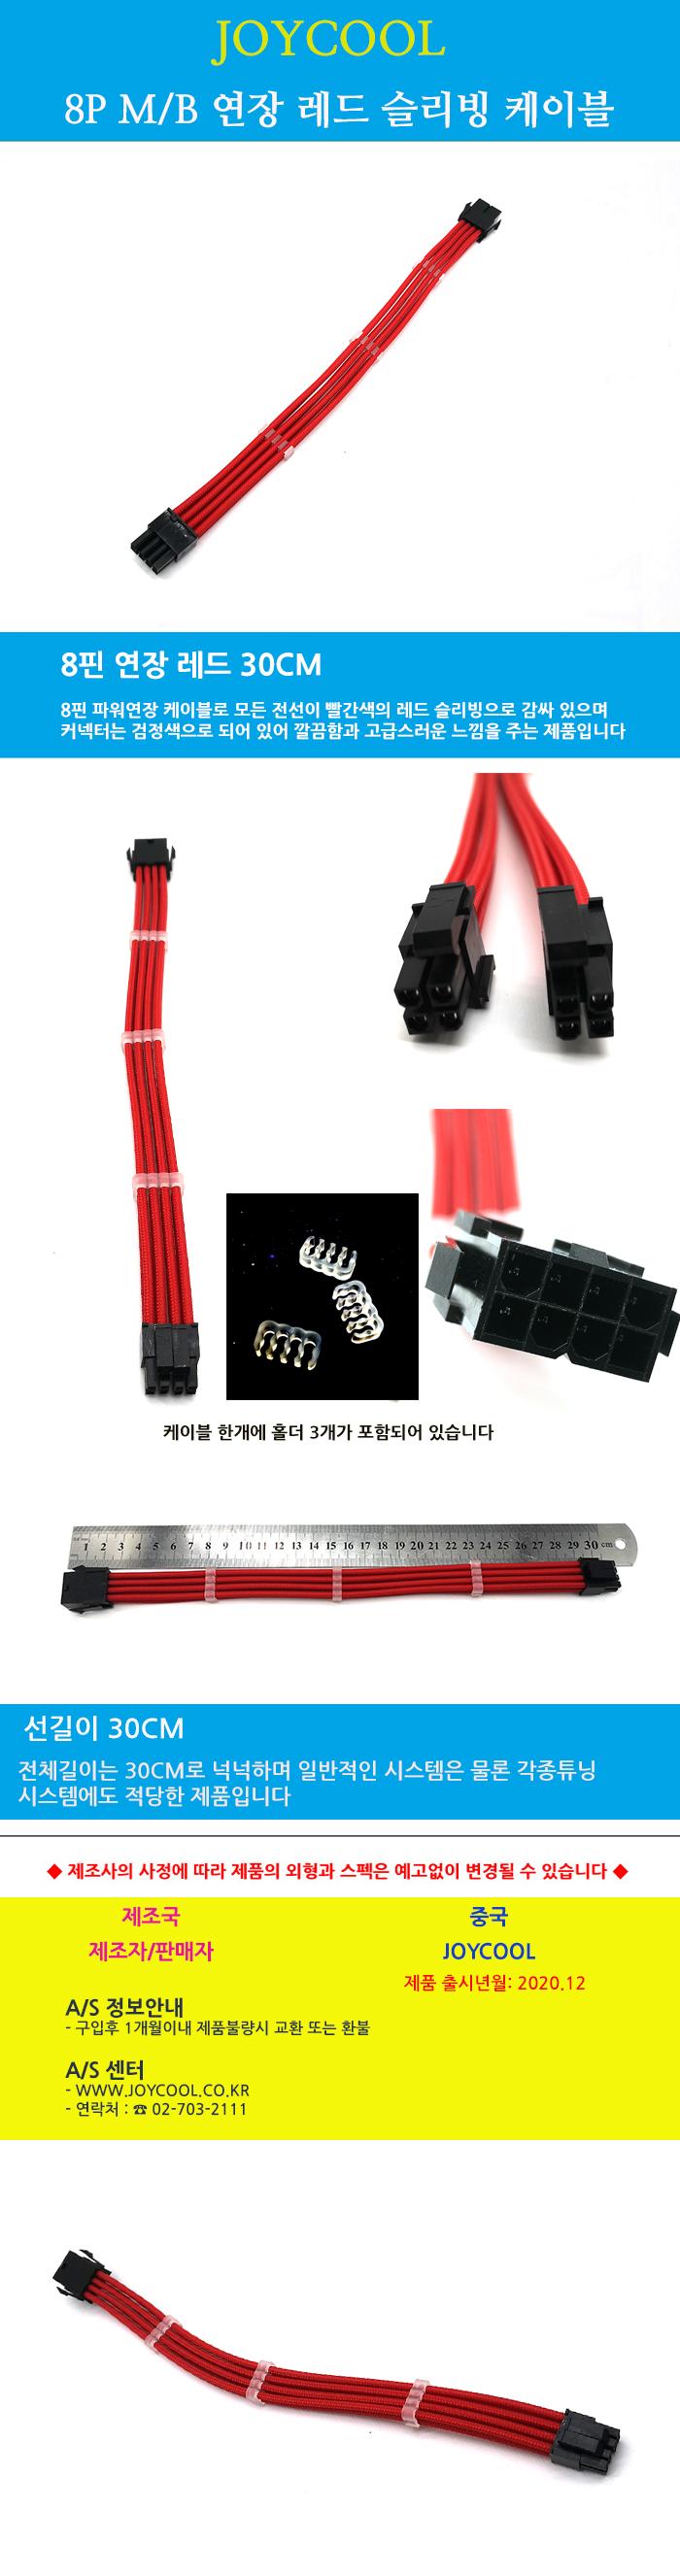 조이쿨 조이쿨 8핀 메인보드 연장 슬리빙 케이블 (레드, 0.3m)